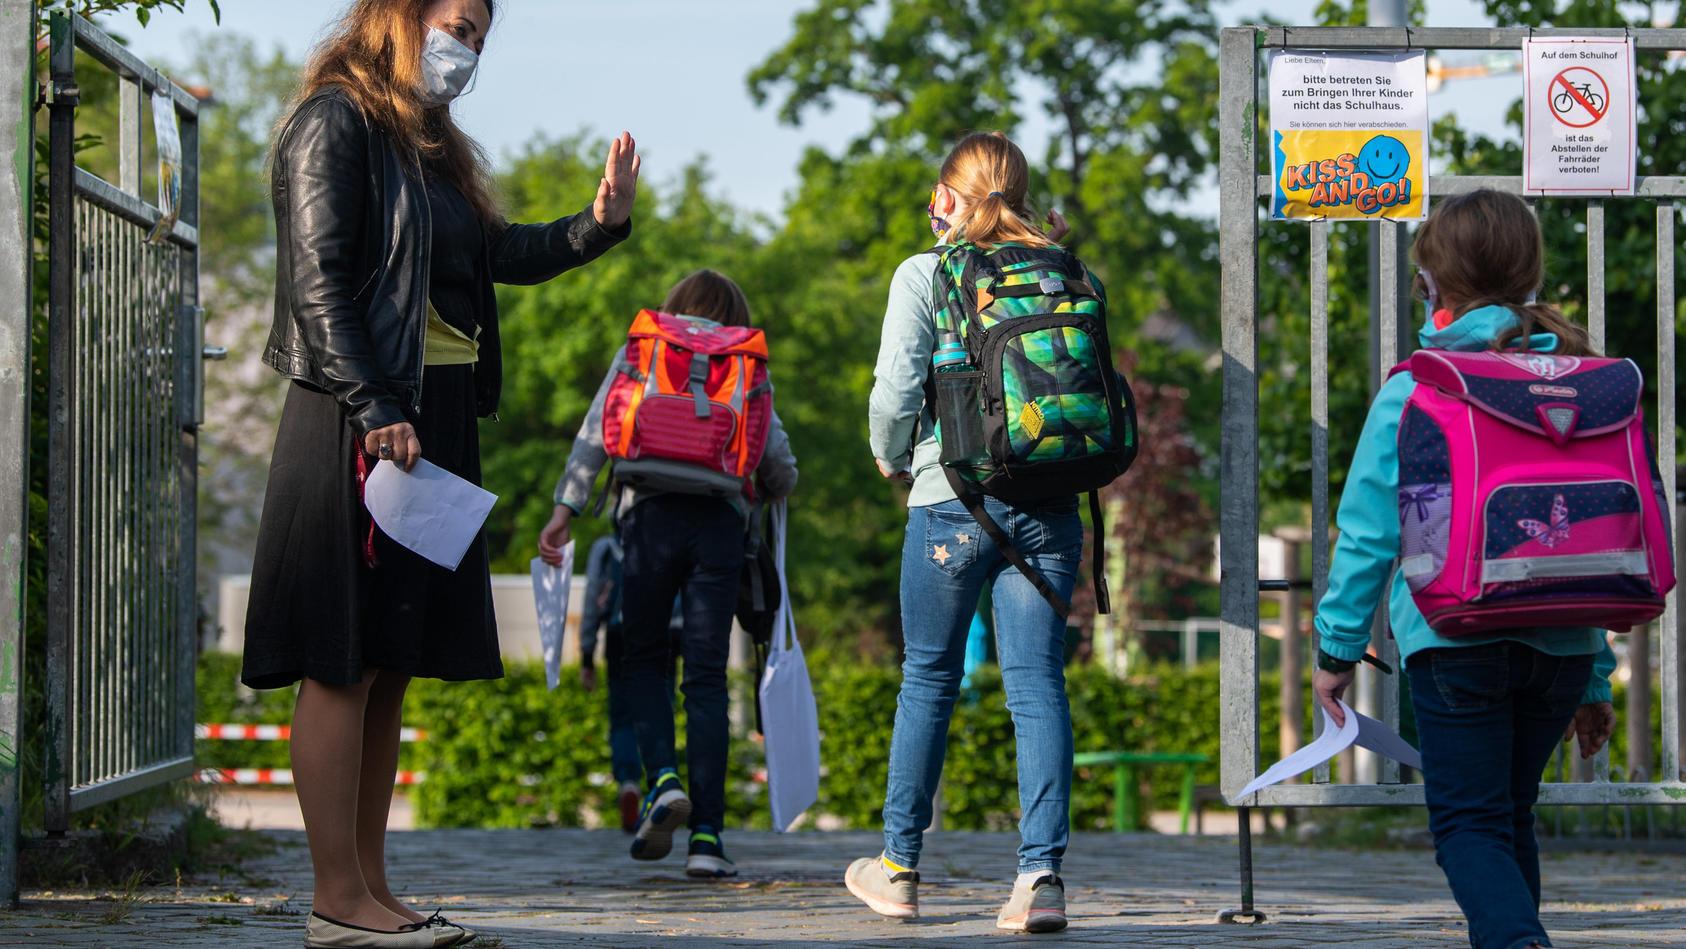 Eltern in Sachsen müssen täglich eine Gesundheitsbestätigung ausfüllen, wenn ihr Kind eine Grundschule oder Förderschule besucht.